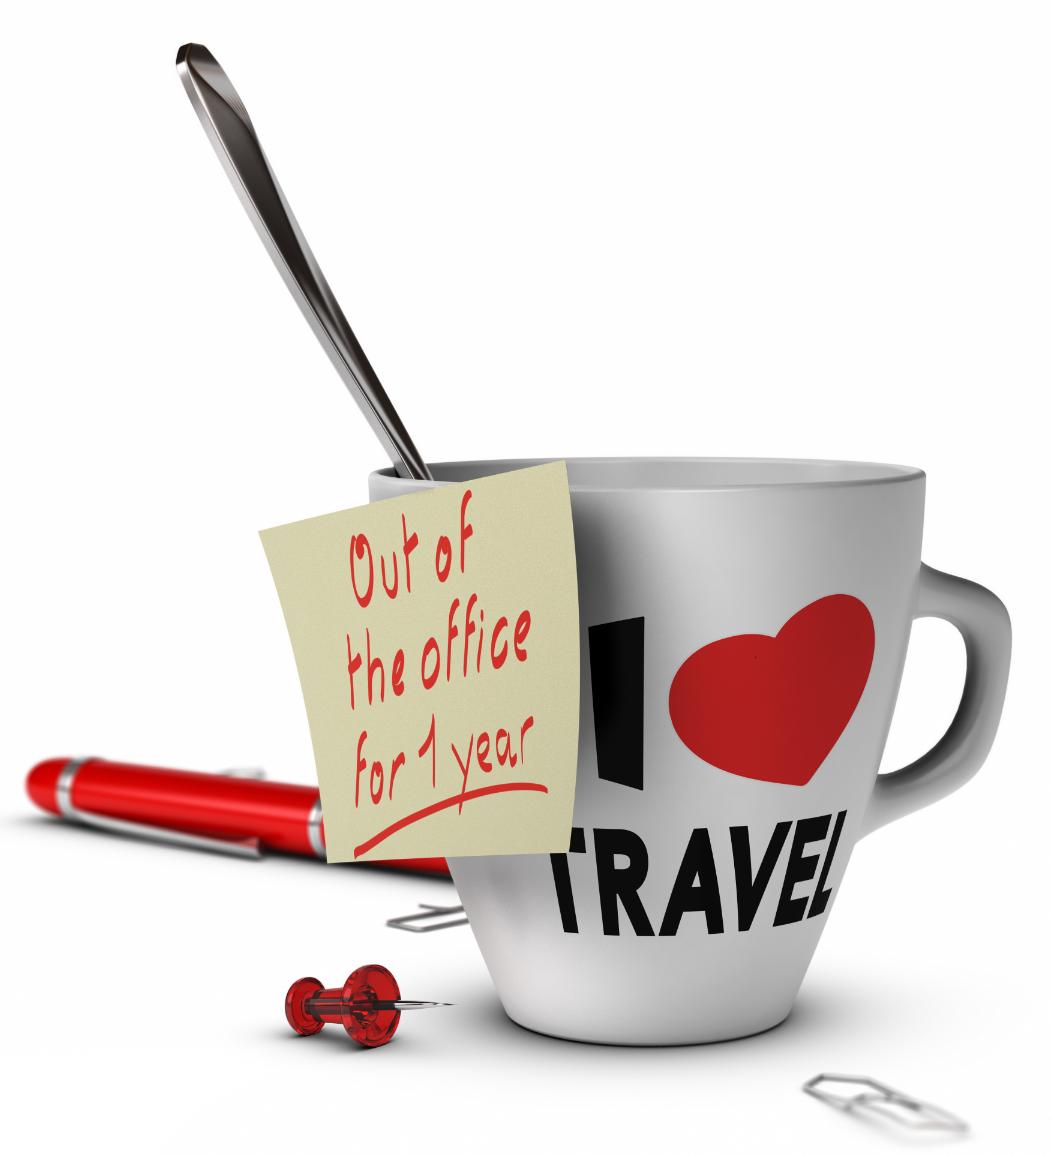 """Kaffeetasse mit Löffel auf der steht: """"I love travel"""". Post it auf Tasse geklebt mit Bemerkung: """"Out of the office for 1 year"""". Neben der Kaffeetasse liegen Büroklammern, roter Stift und rote Pinnnadel."""